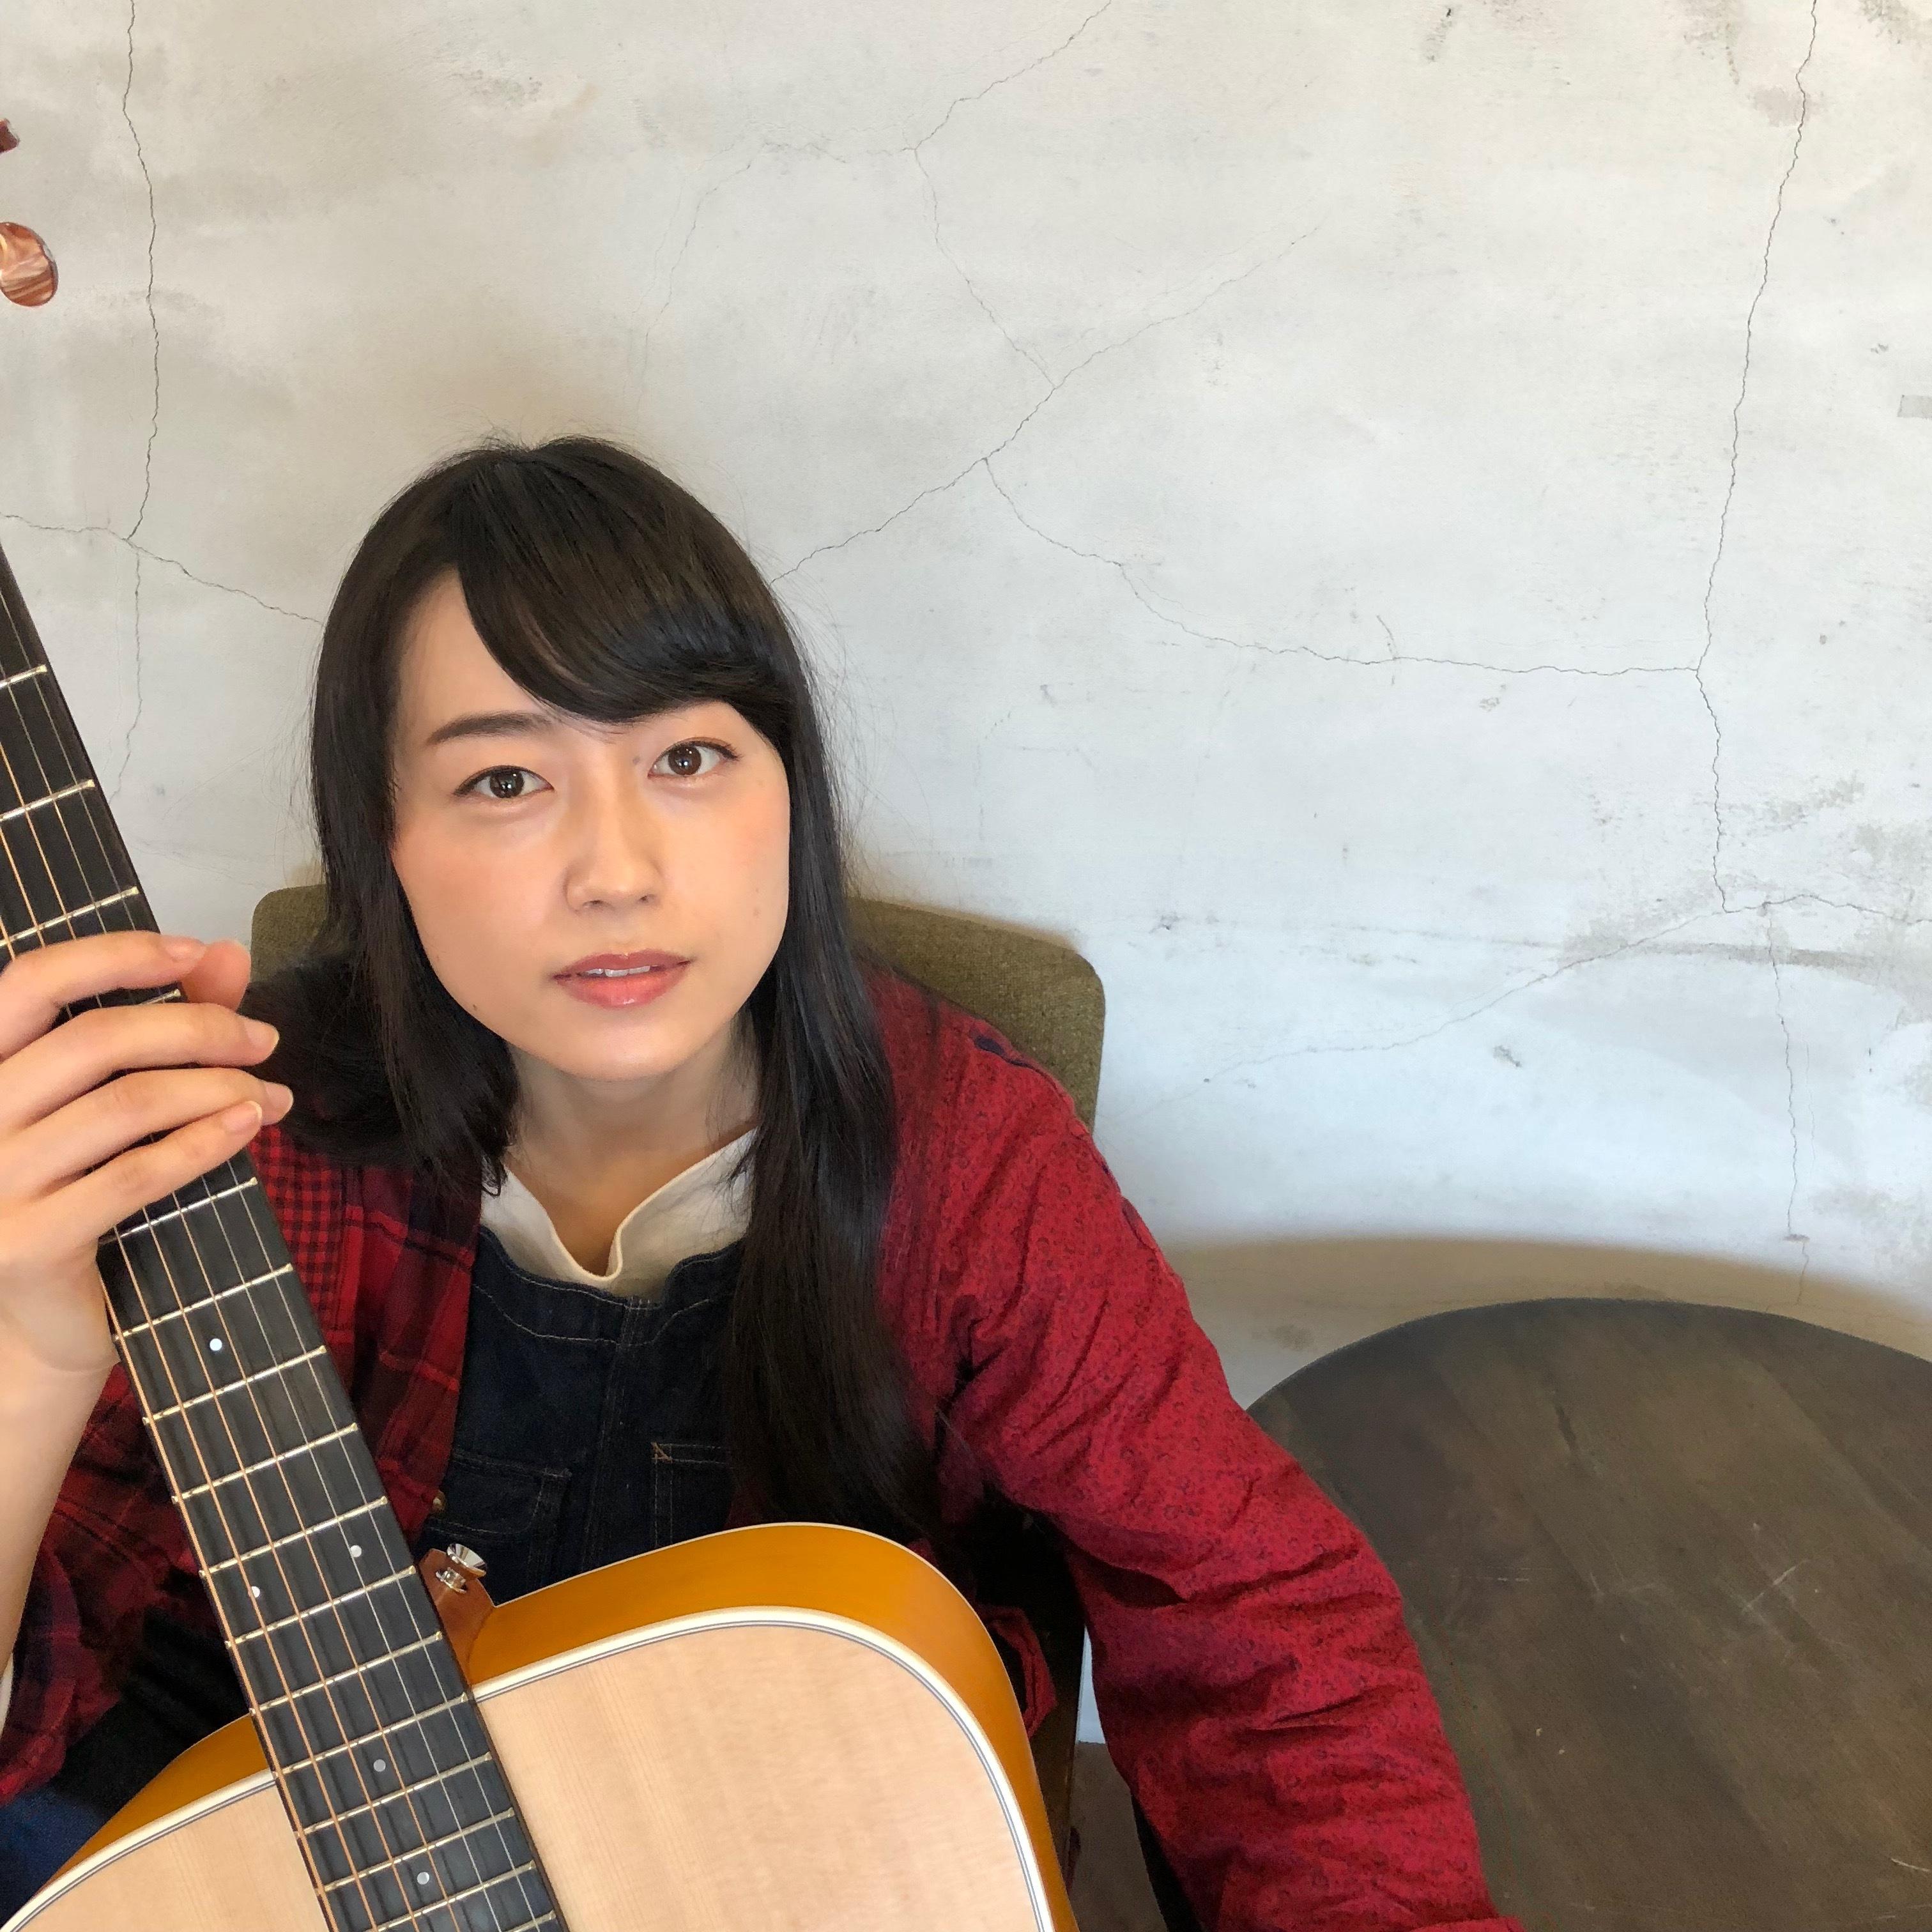 山根万理奈 ニューアルバム制作、全国ツアー(2018年)